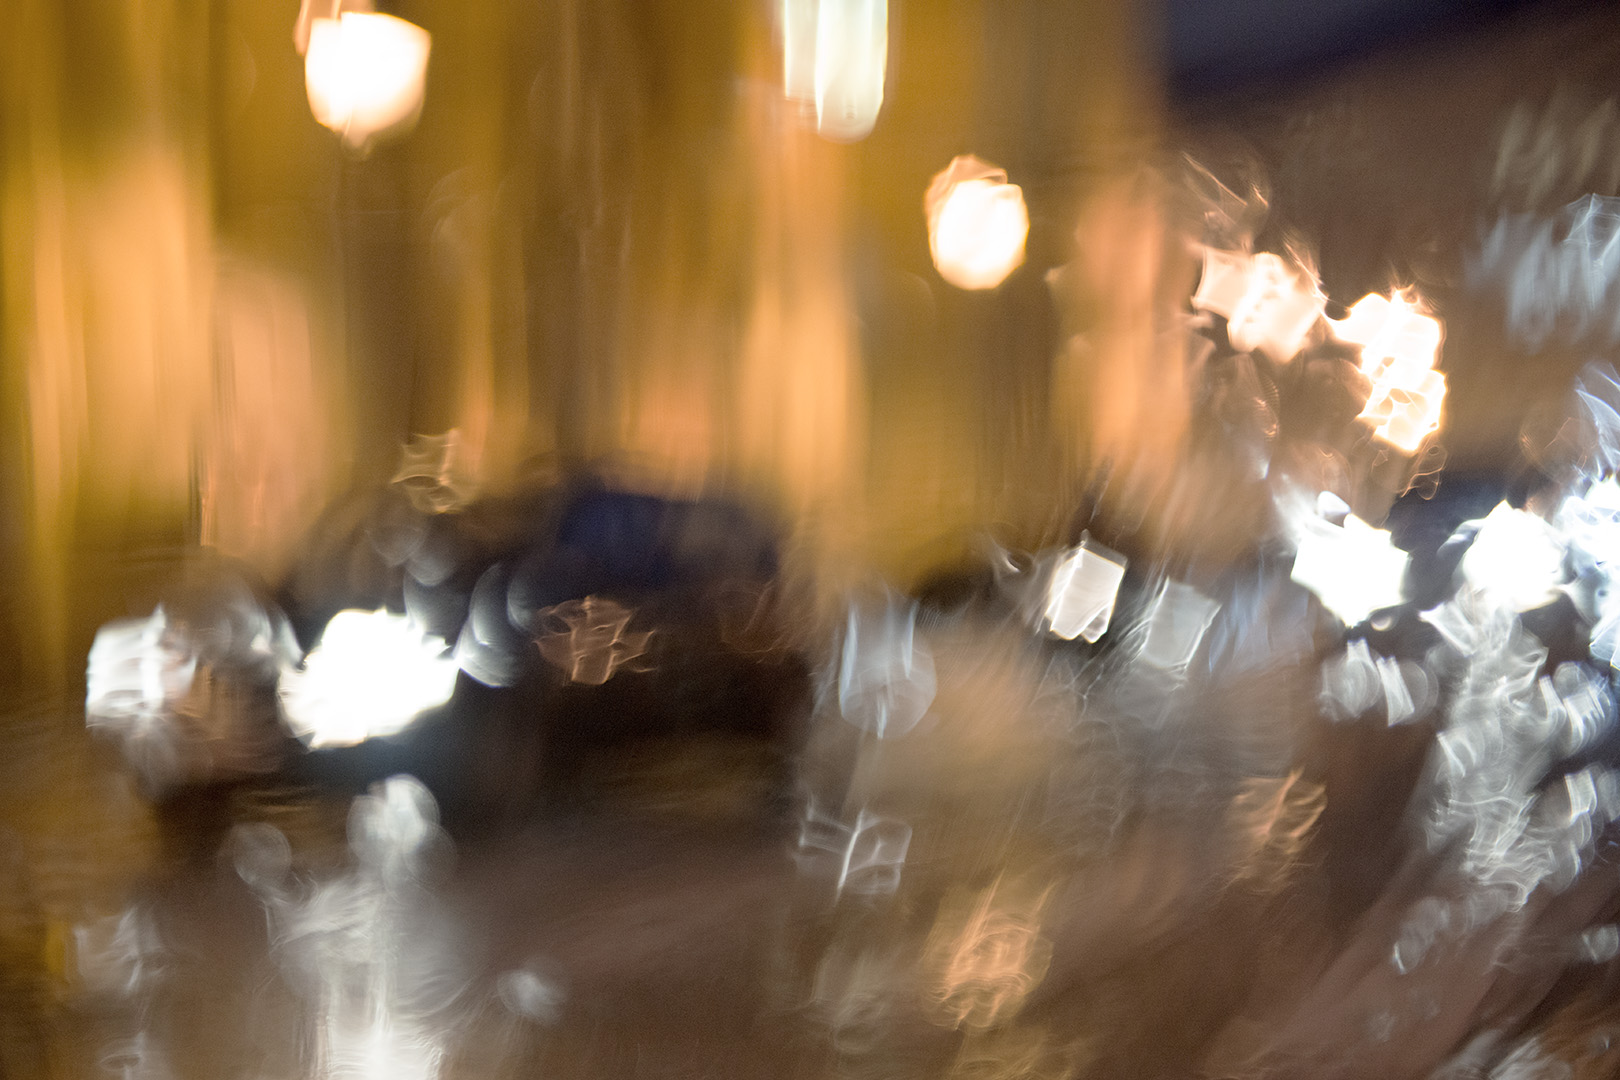 Photo proche de l'abstraction, de la peinture abstraite, symphonie de blanc et or, atmosphère des fêtes